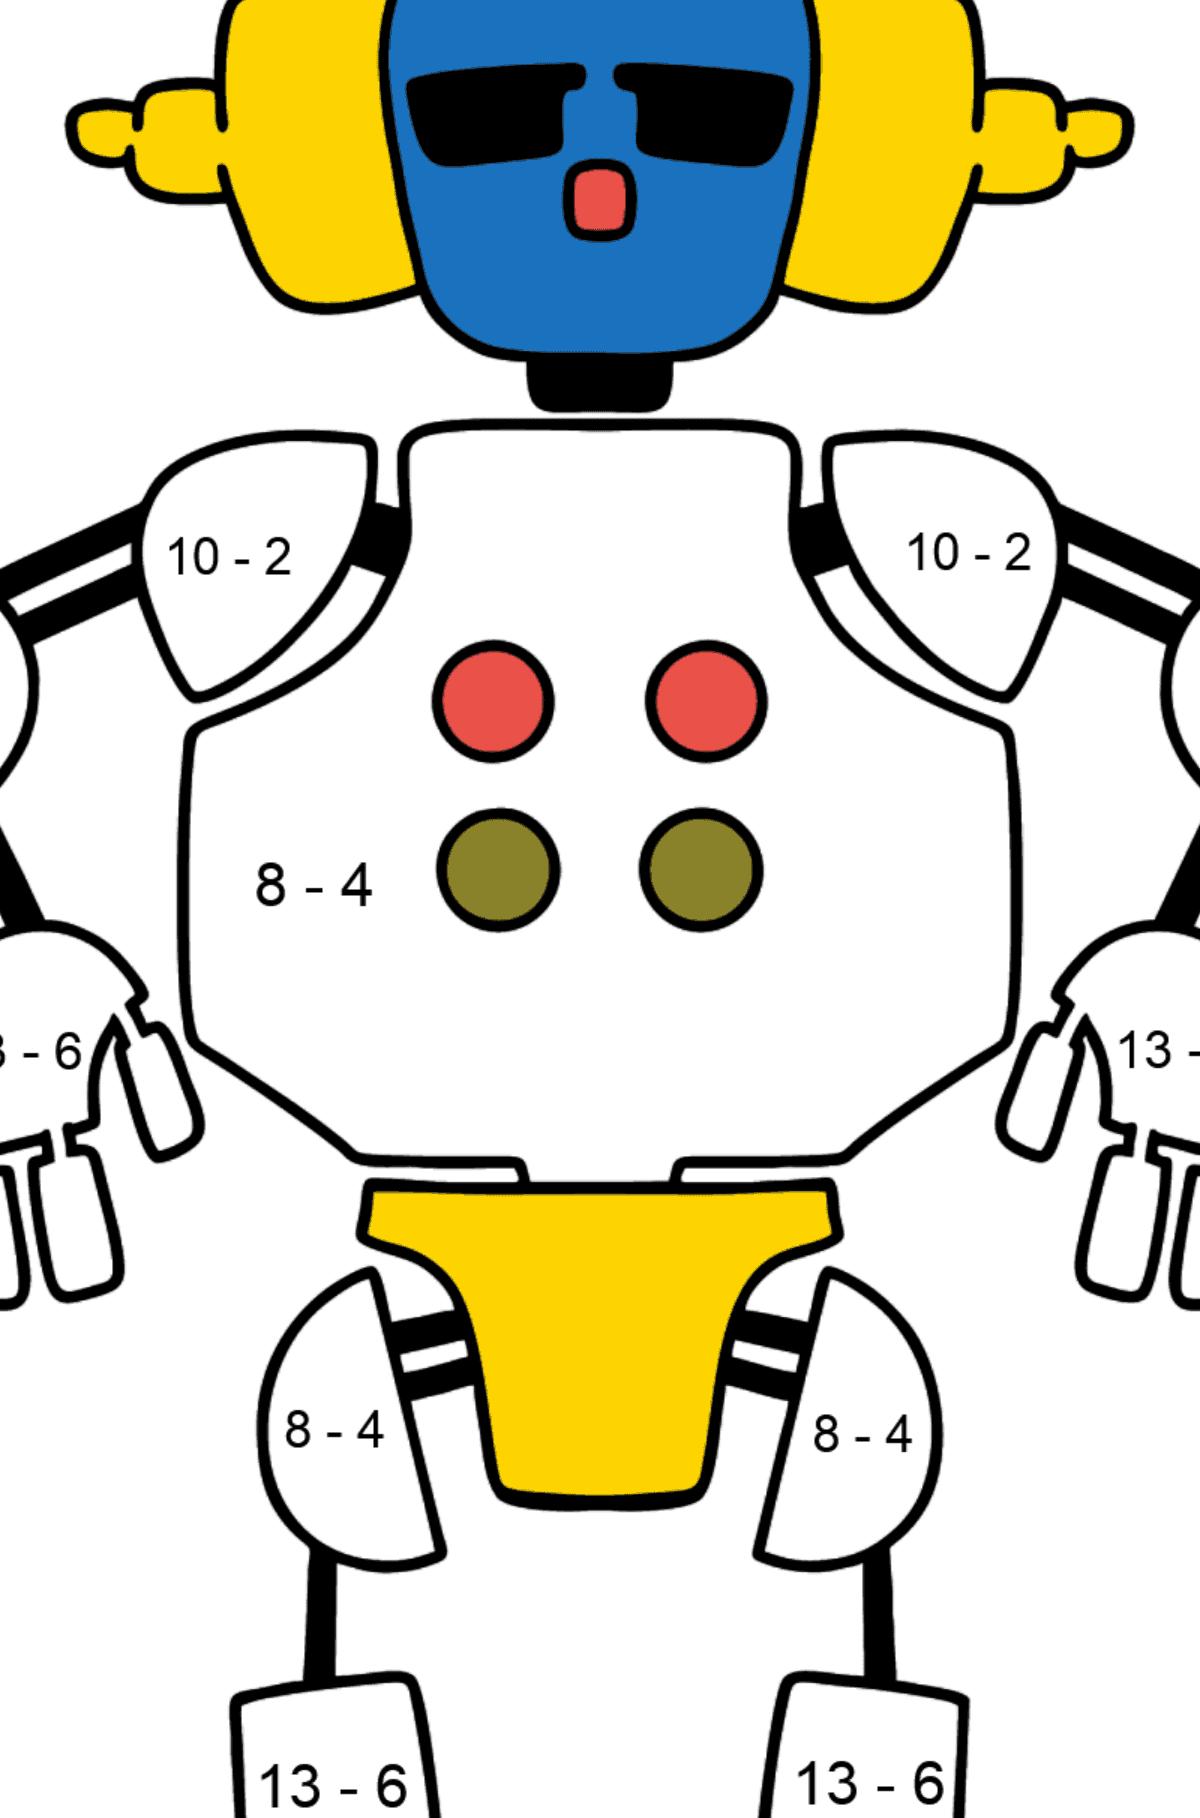 Раскраска робот в наушниках - Математическая Раскраска - Вычитание для Детей